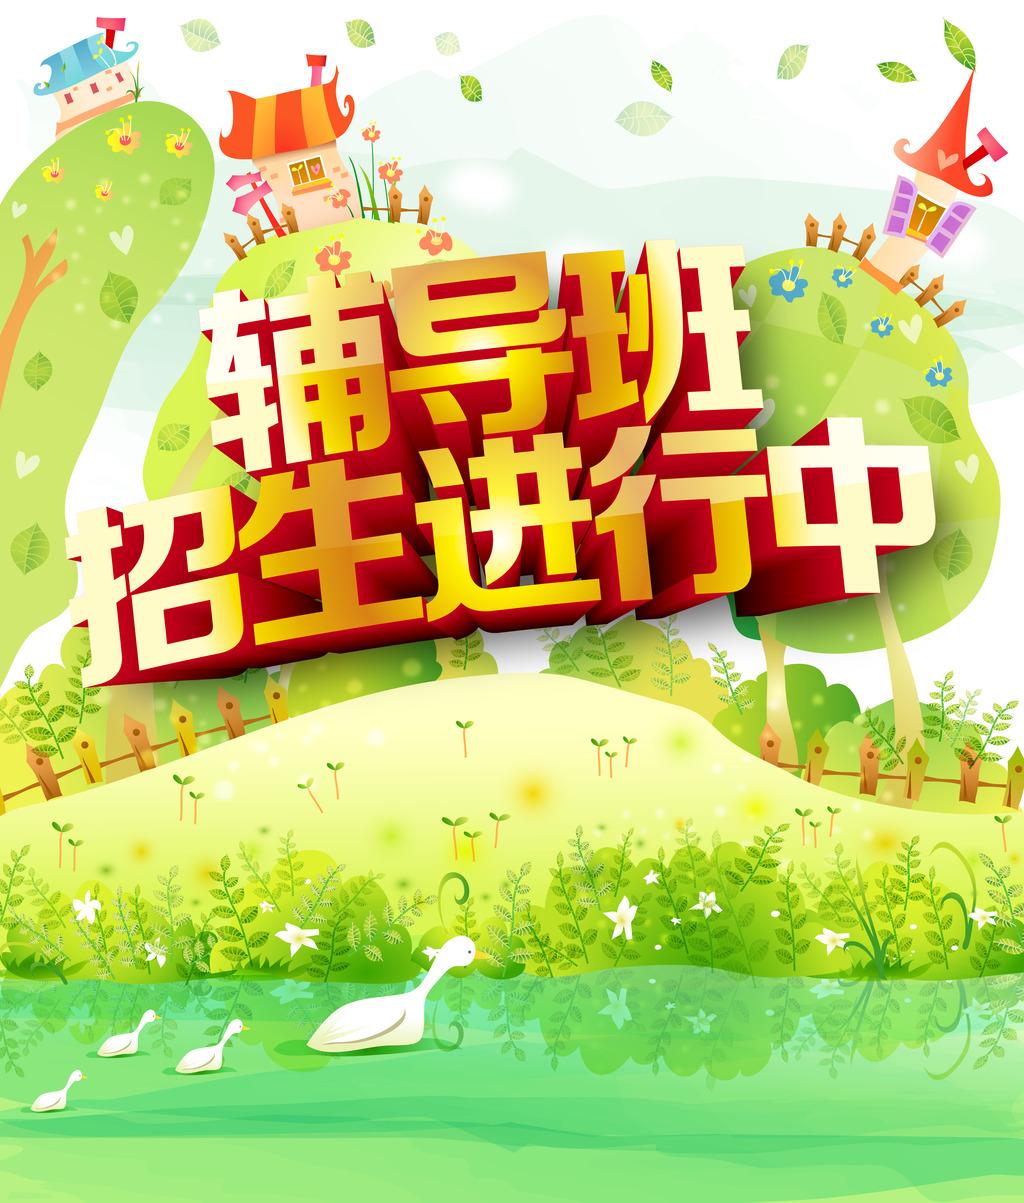 宣传单 辅导班招生/辅导班招生宣传单暑假班暑期班寒假班秋季班